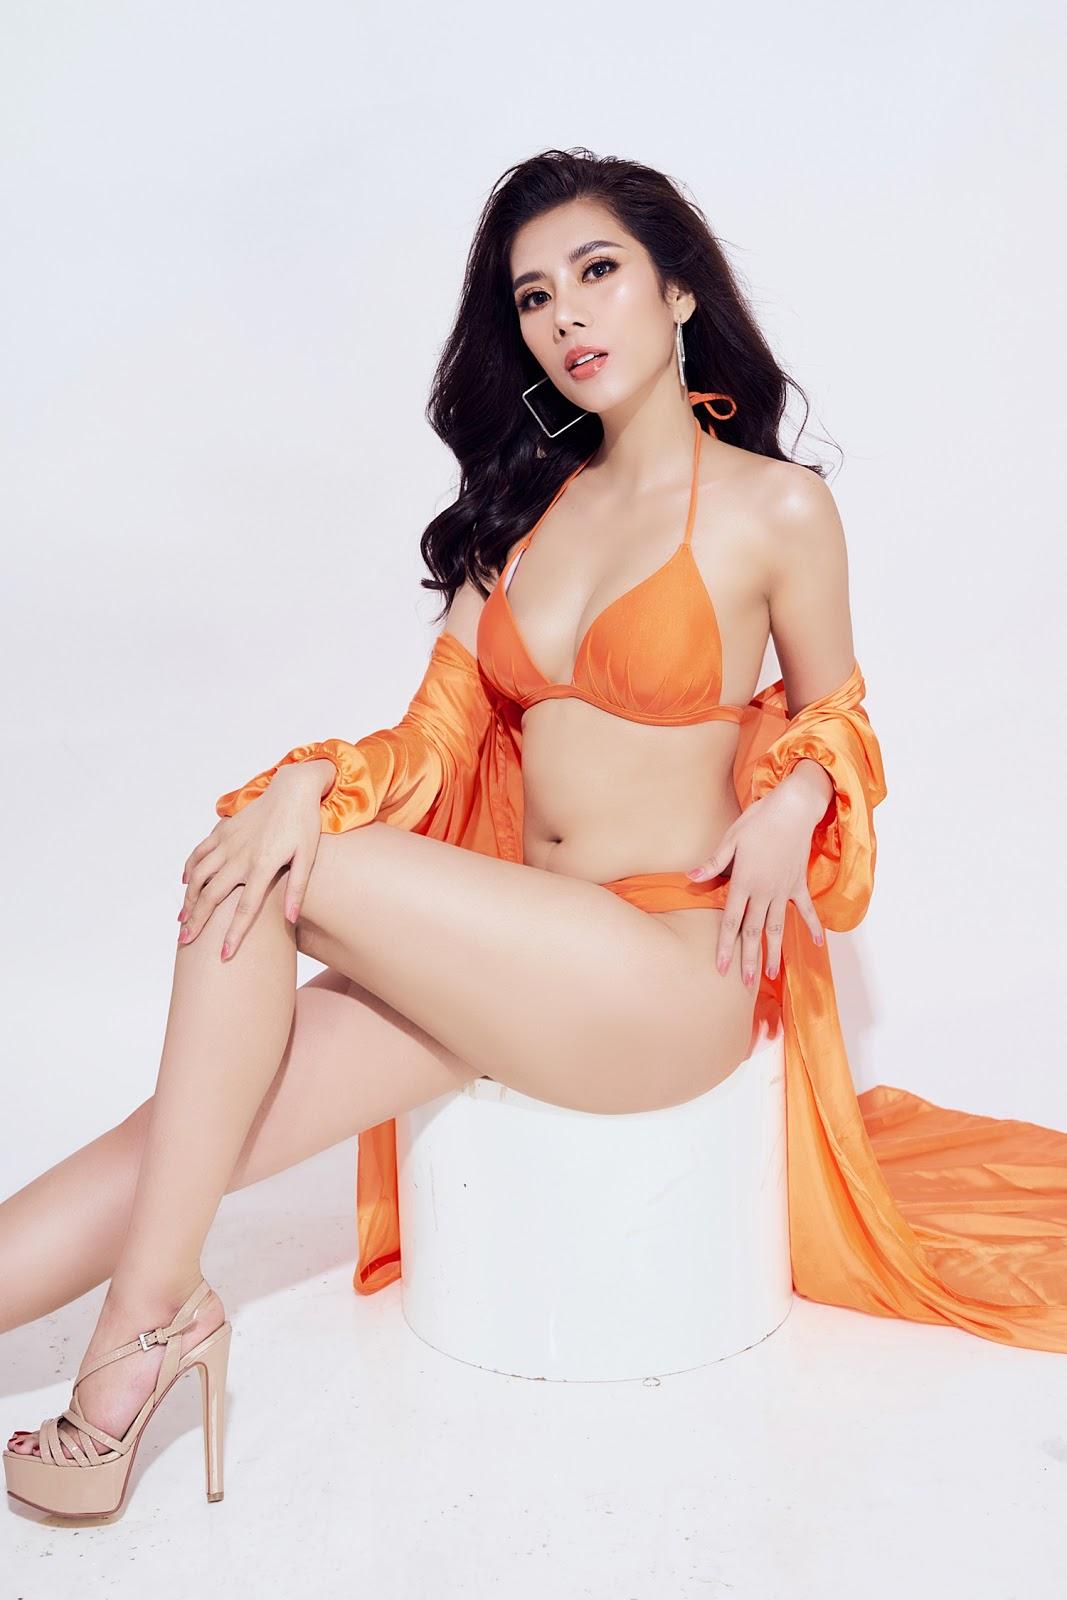 Dương Yến Nhung khoe trọn 3 vòng gợi cảm trong trang phục bikini - Hình 8